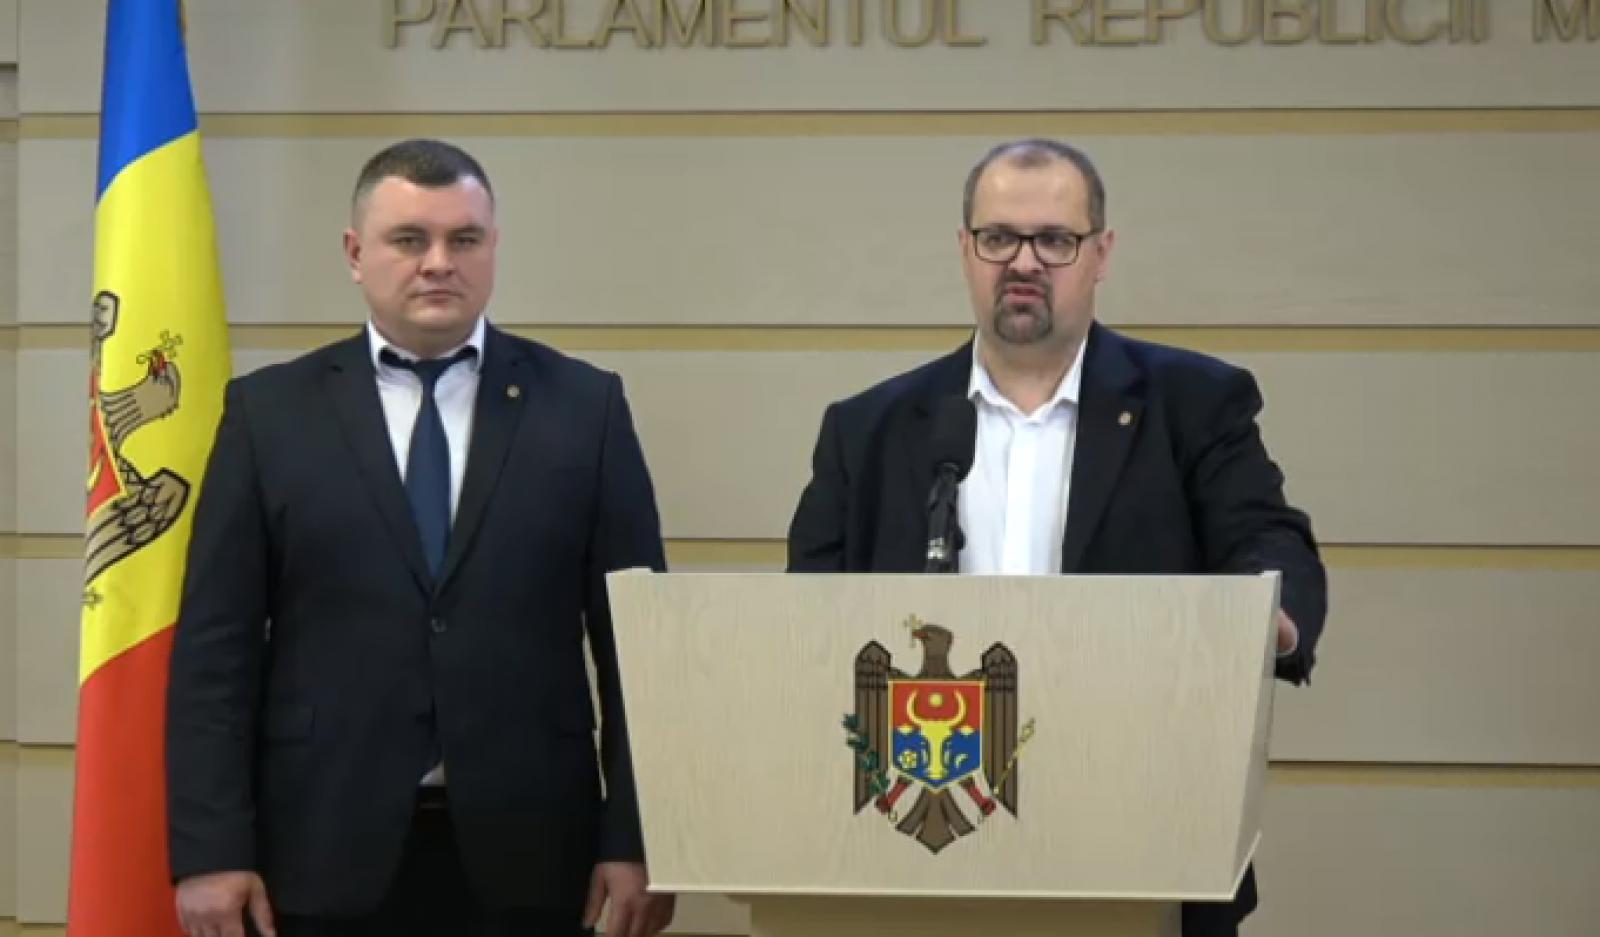 (video) Declarațiile deputaților PSRM după ședința Parlamentului